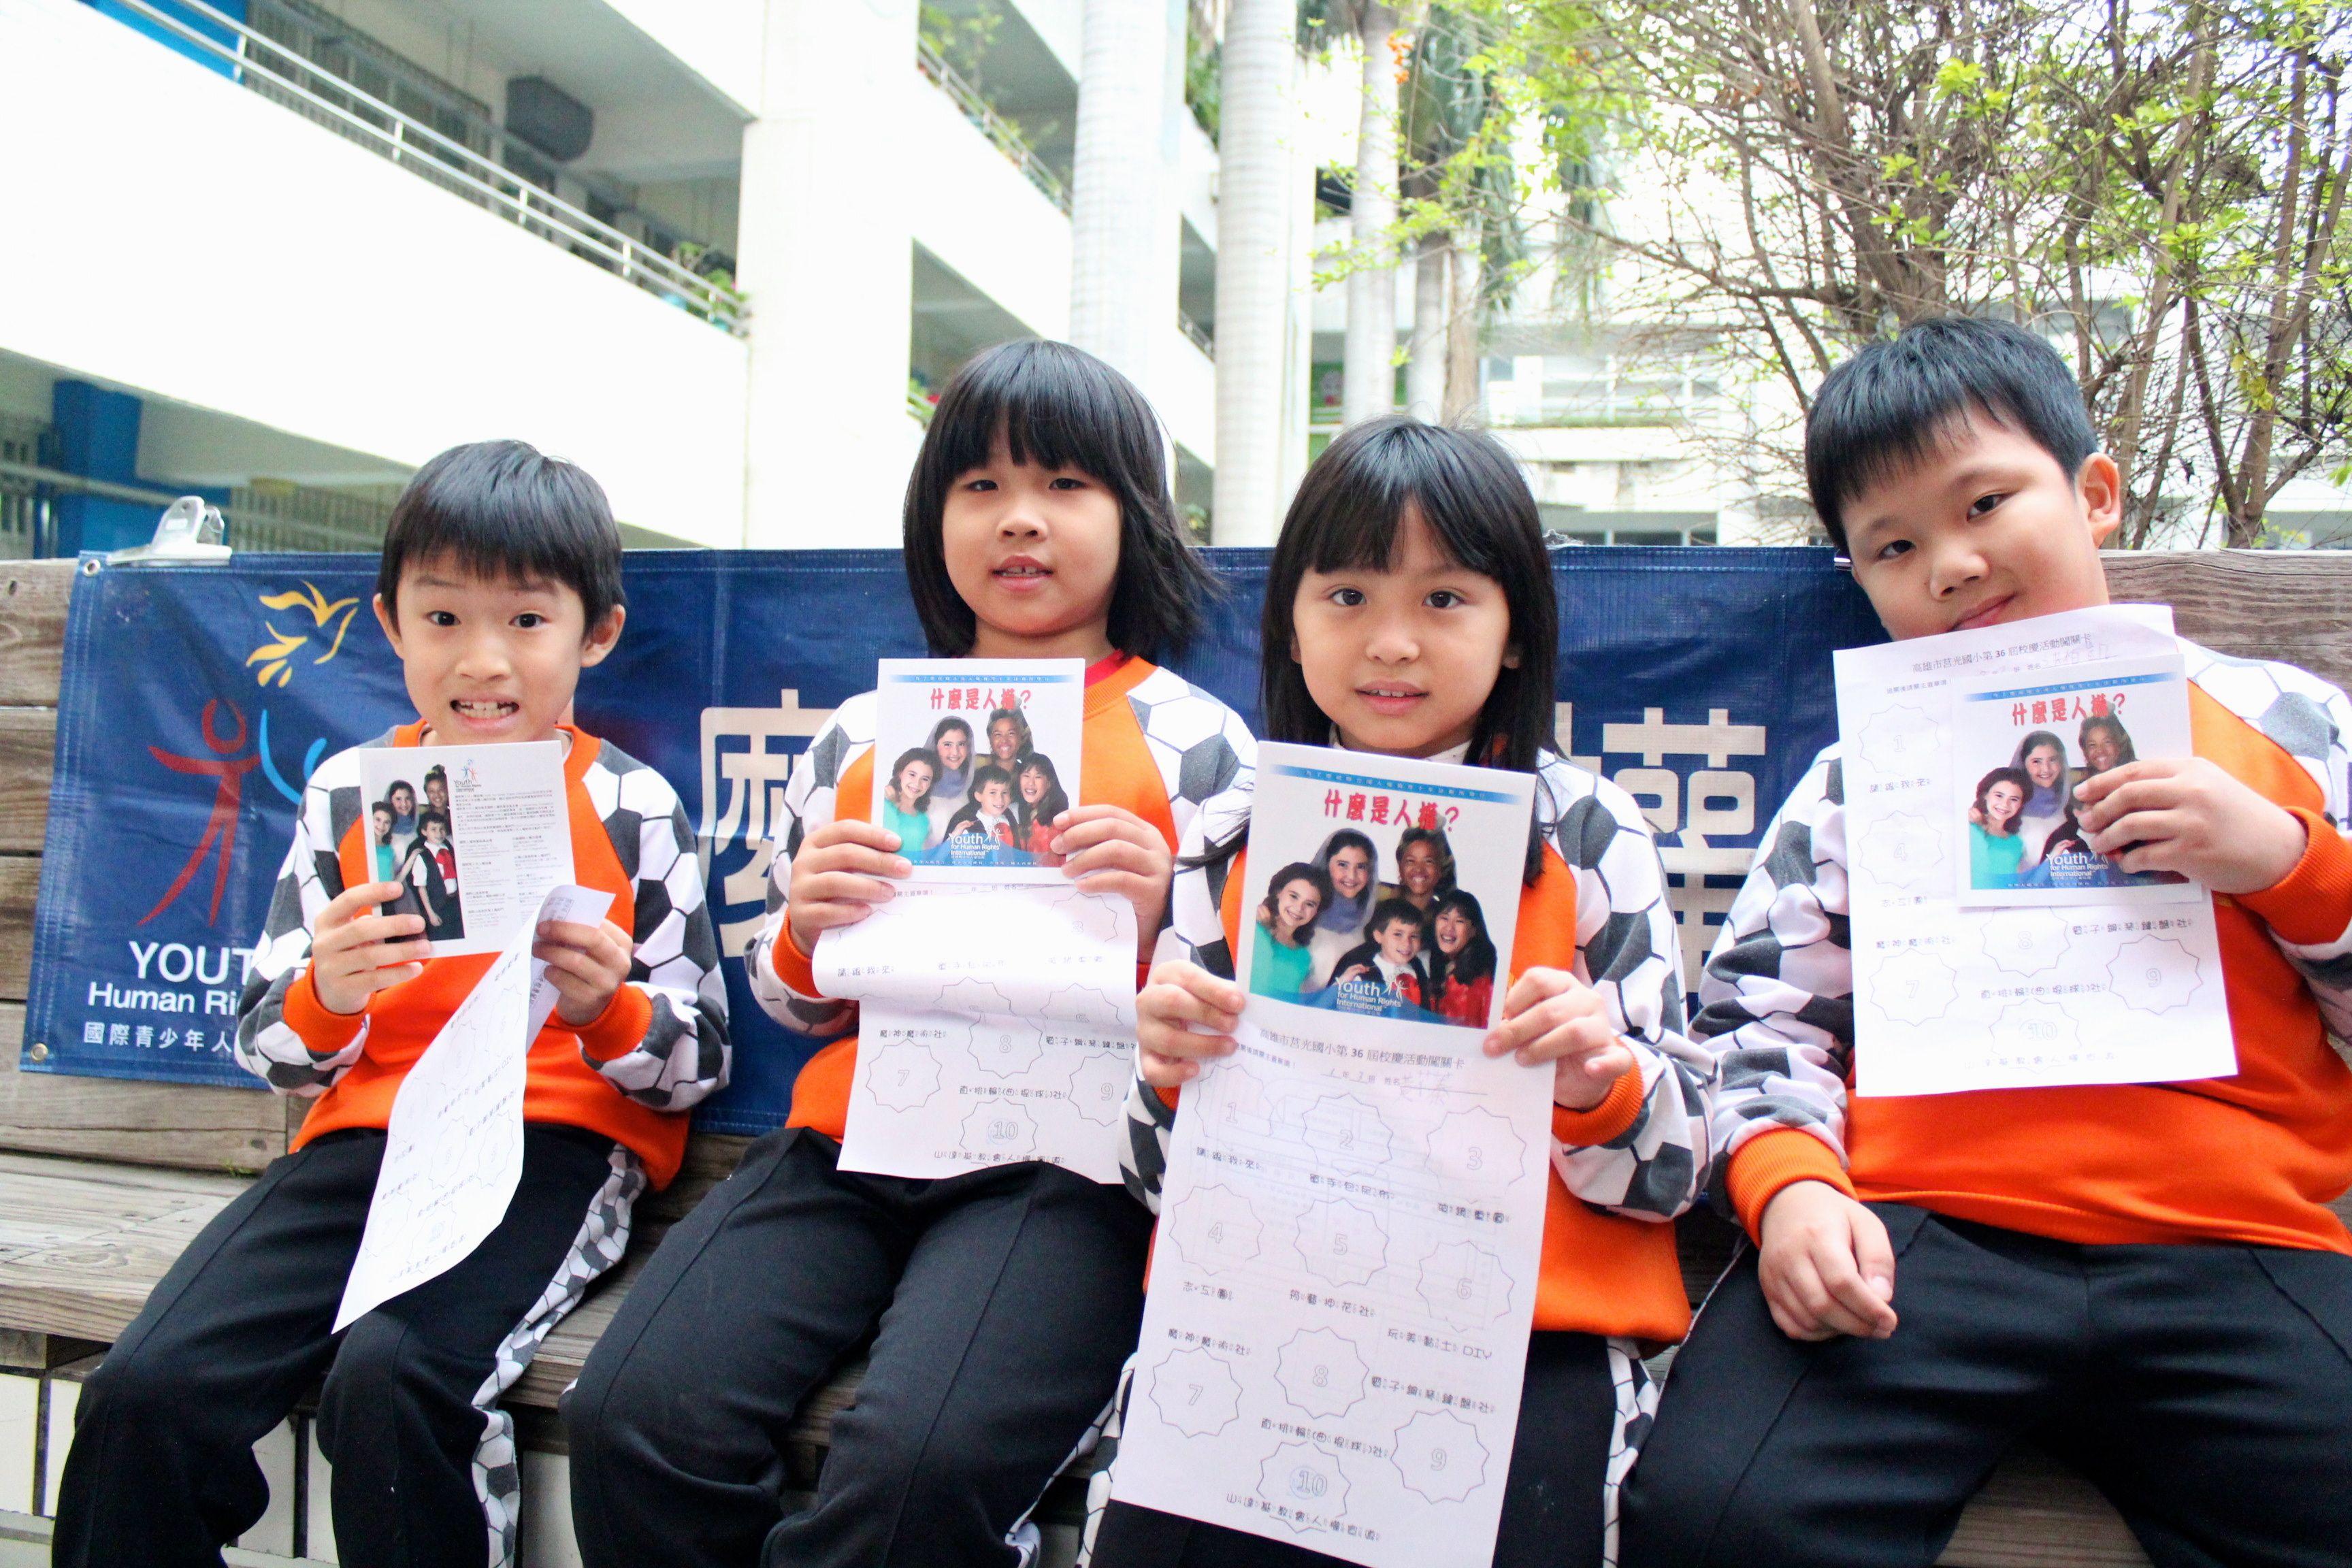 人權教育宣導  強調權利和責任密不可分